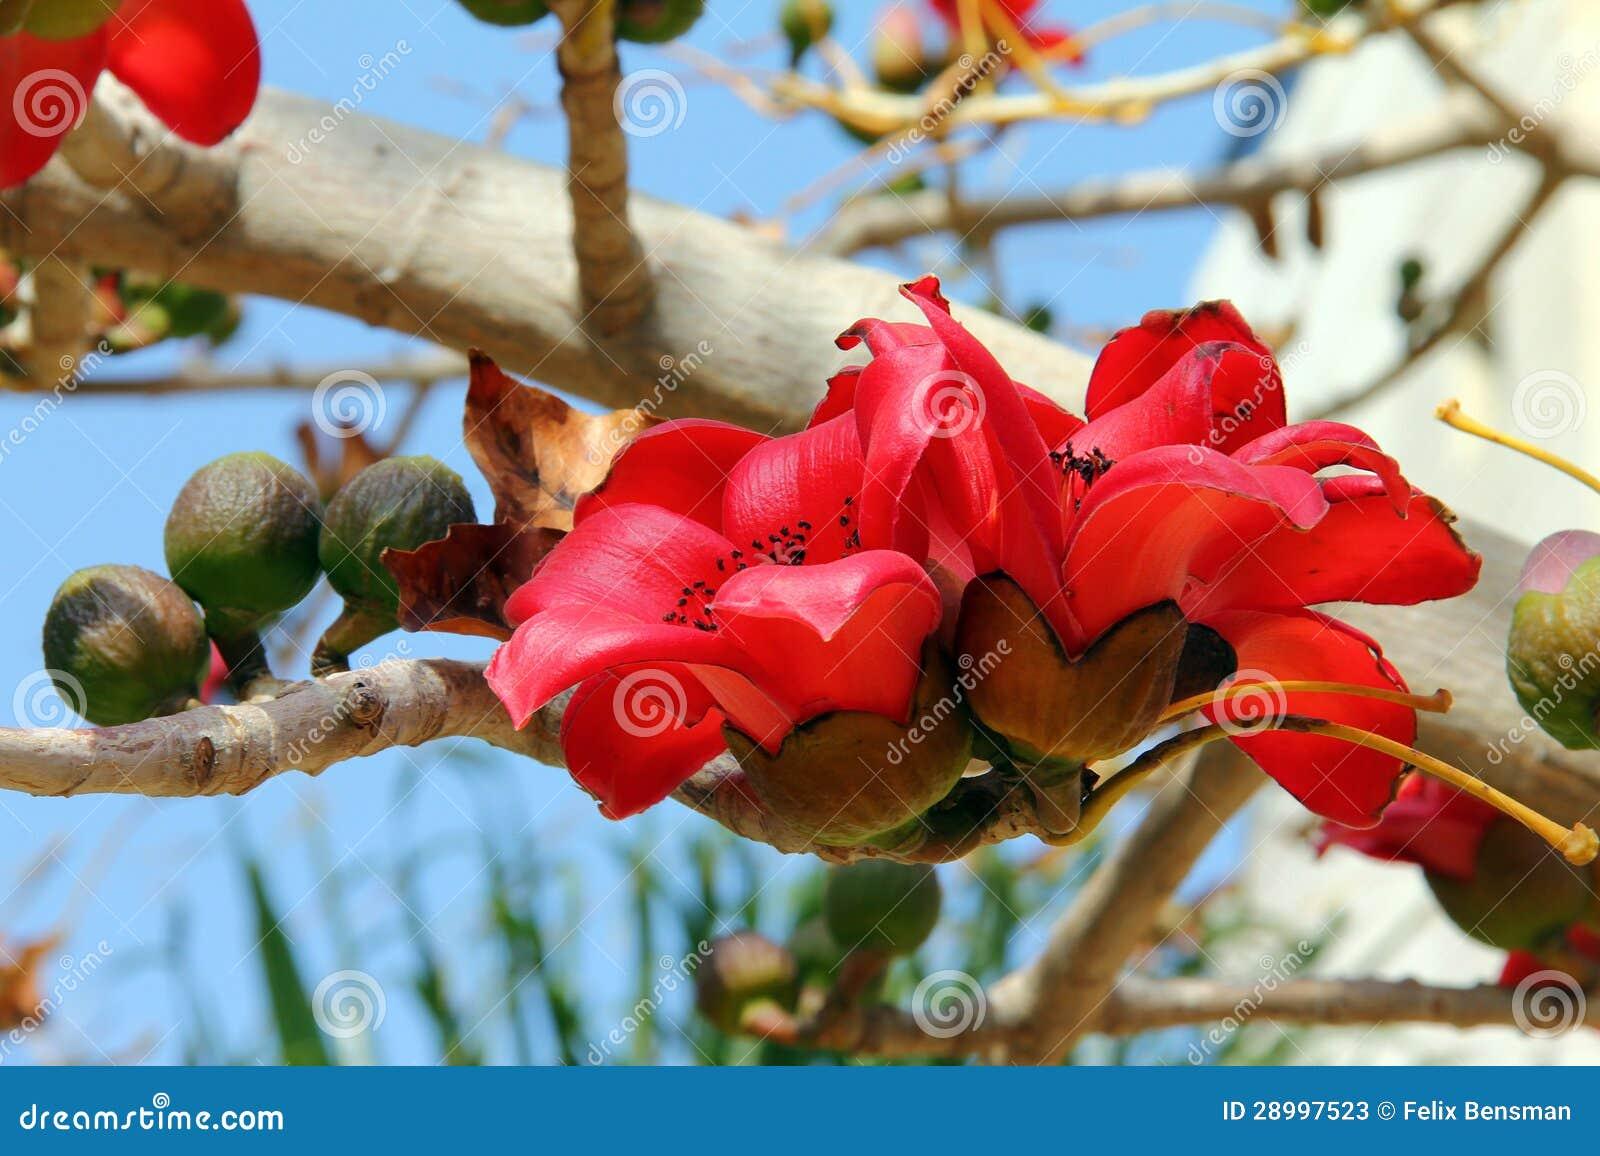 Цветения красного дерева Silk хлопка (Bombax)